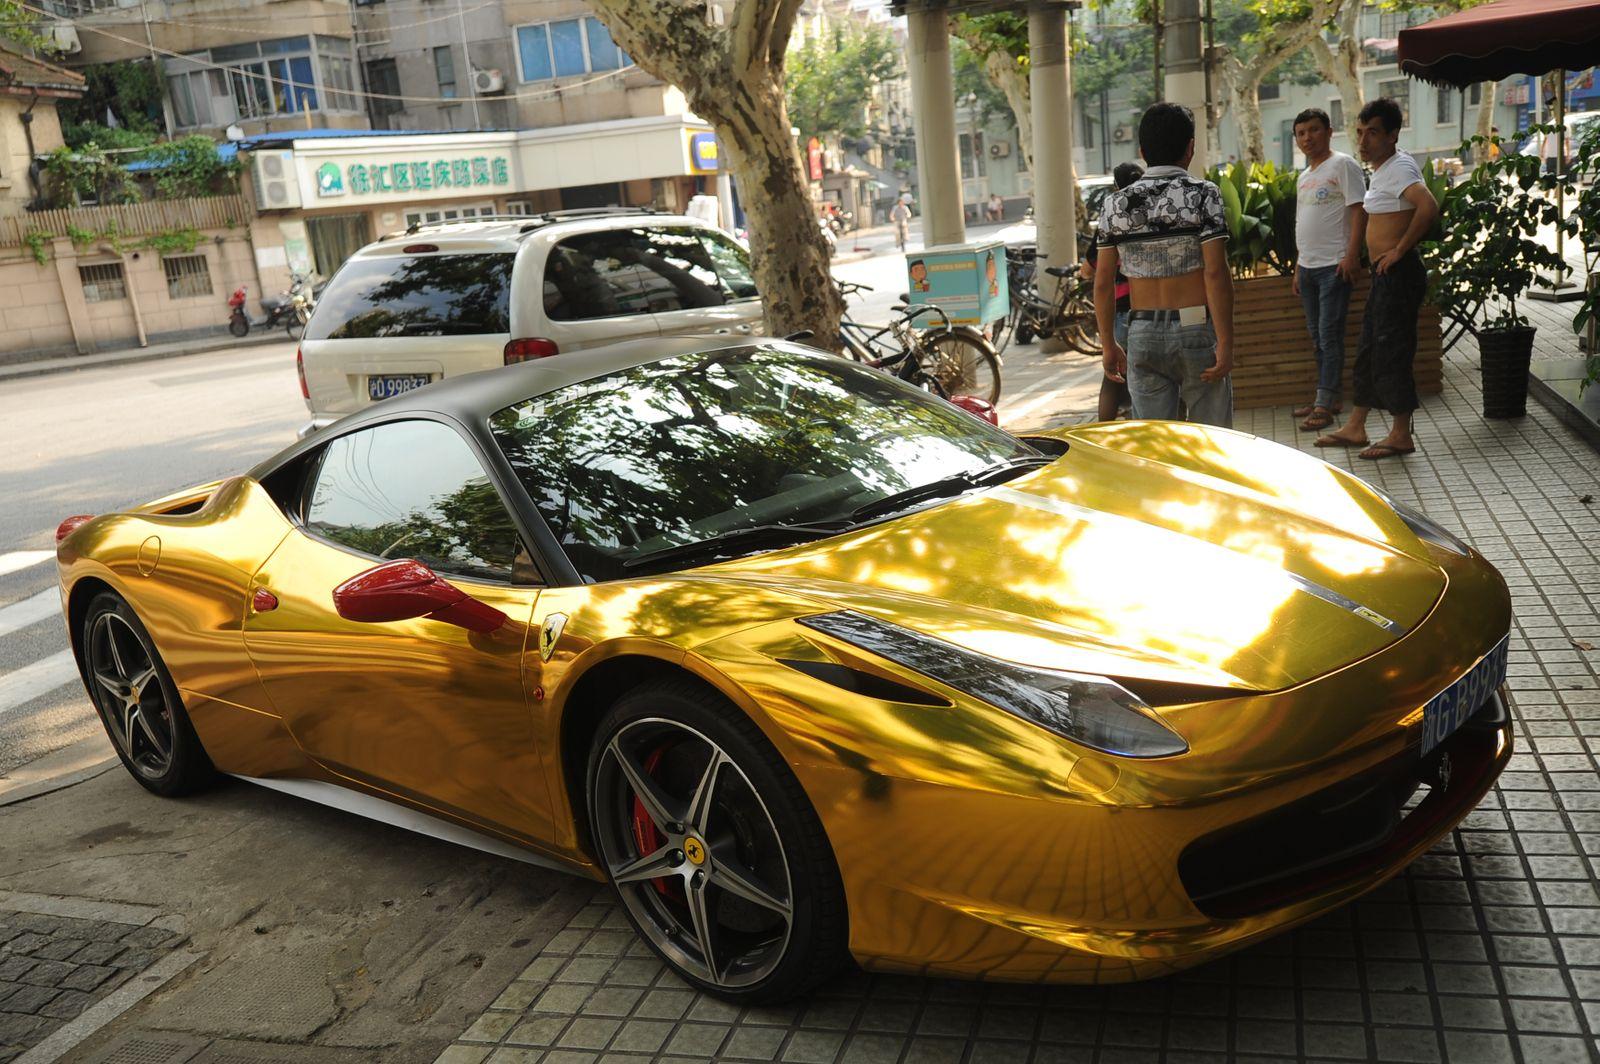 Goldener Ferrari / Gold